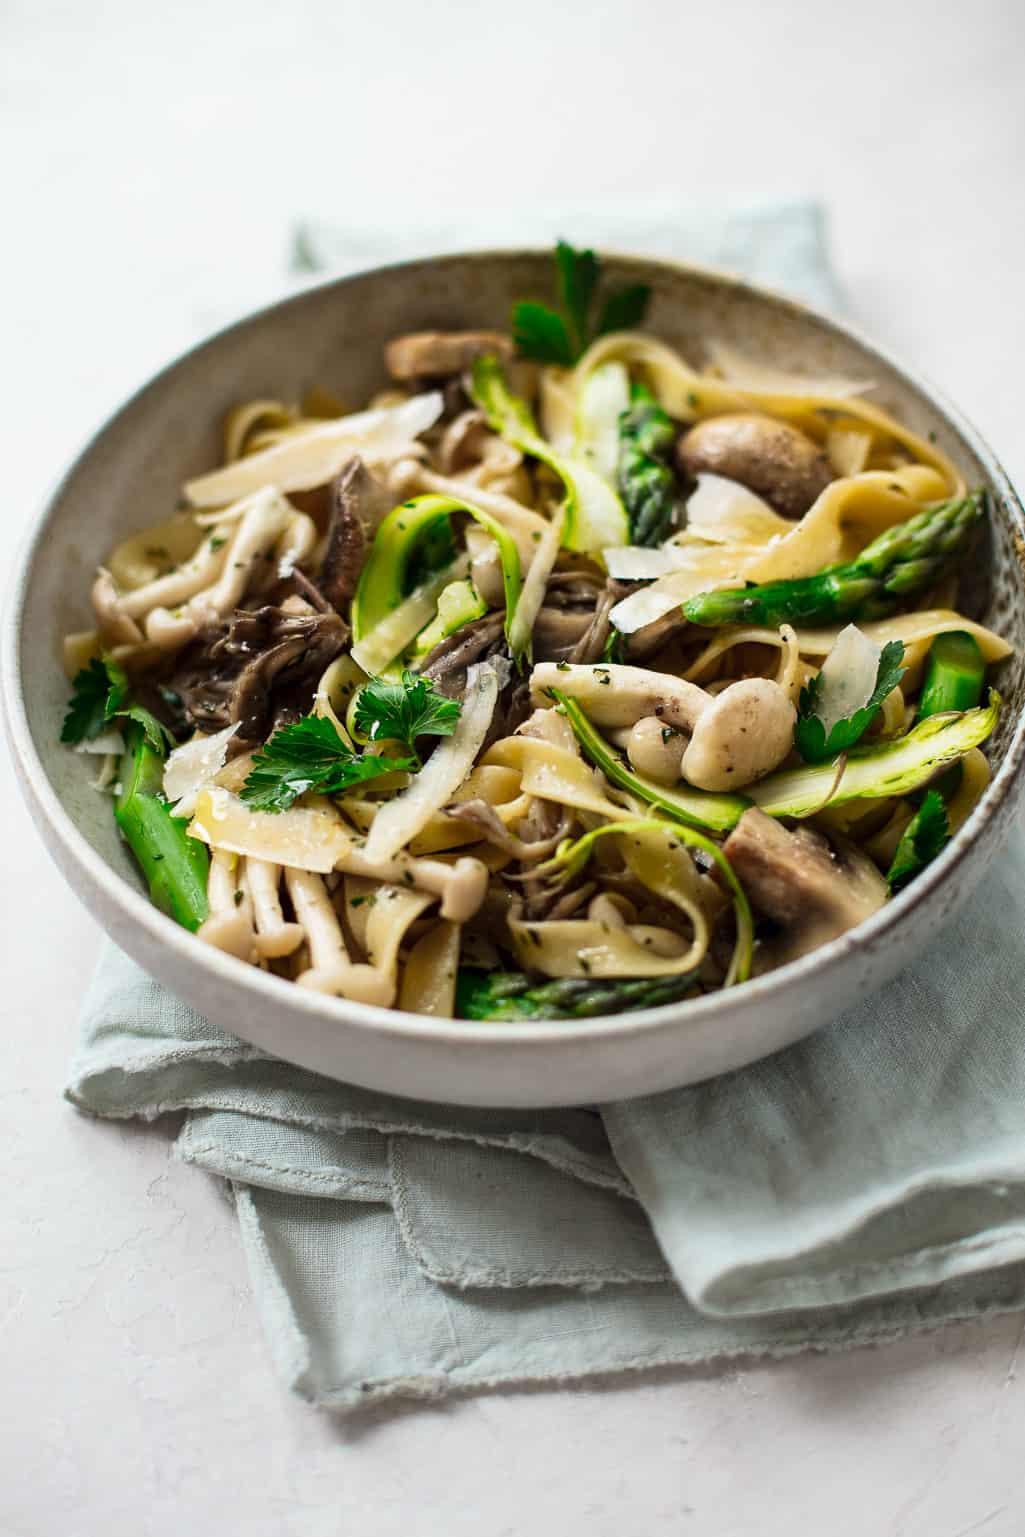 Asparagus Wild Mushroom Tagliatelle Pasta